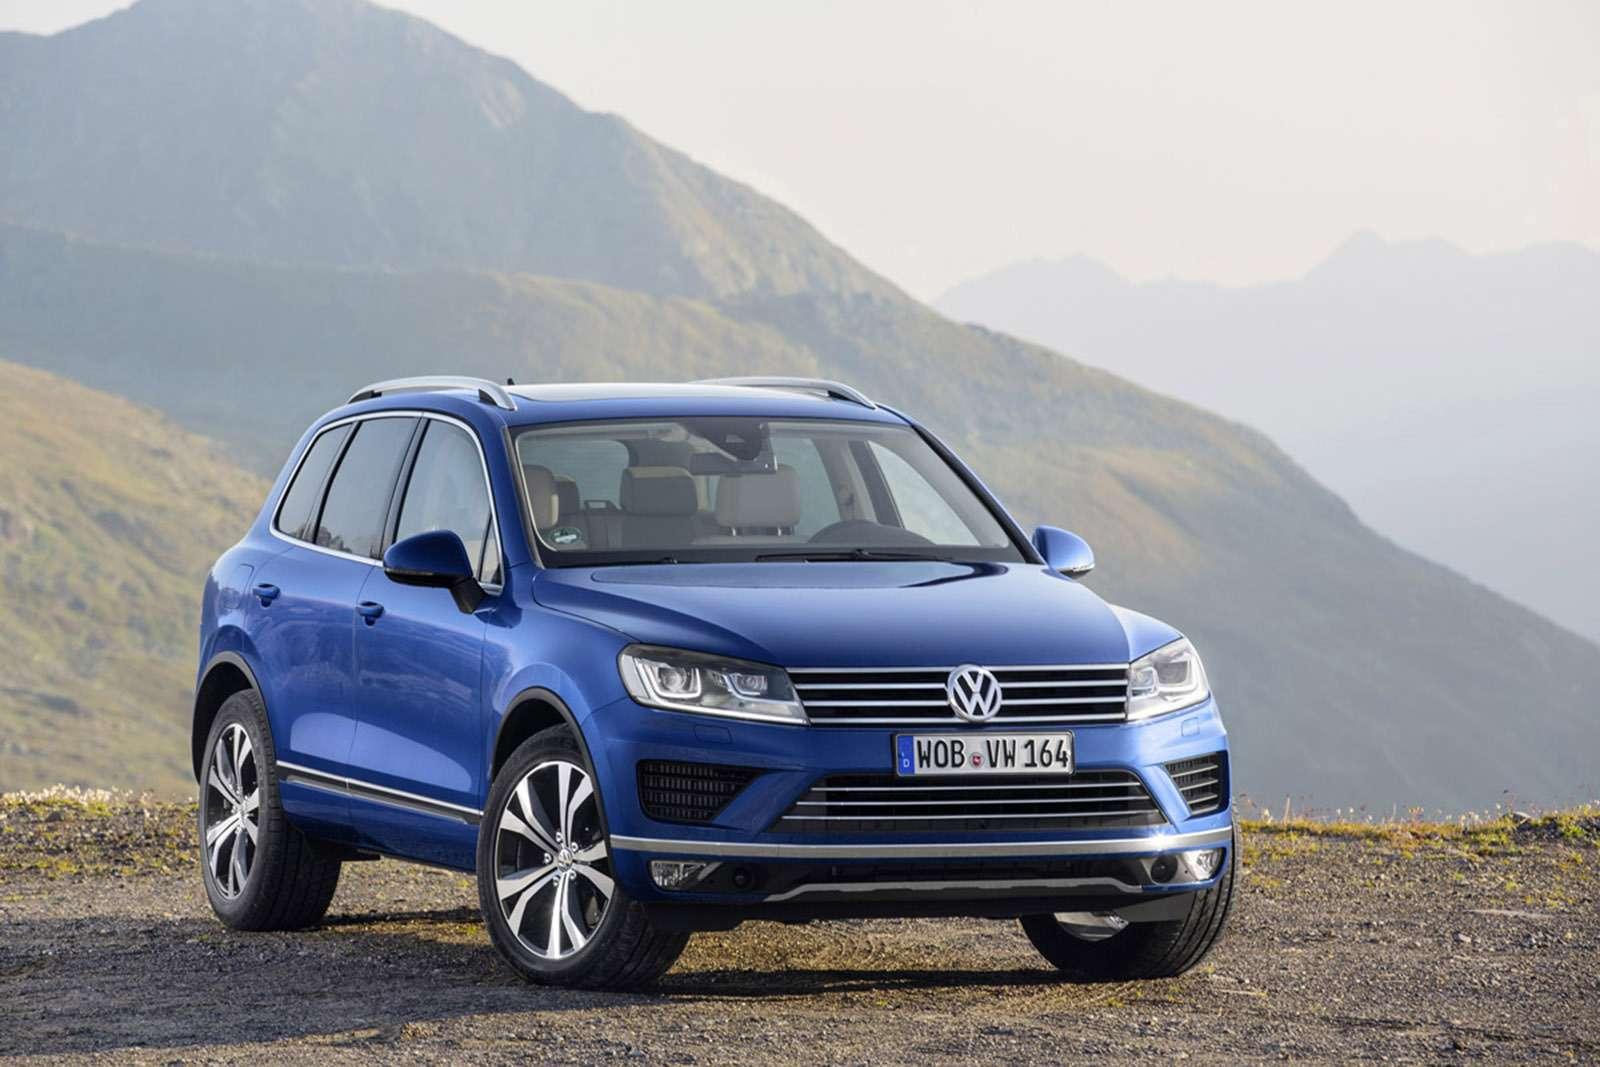 Derneue Volkswagen Touareg